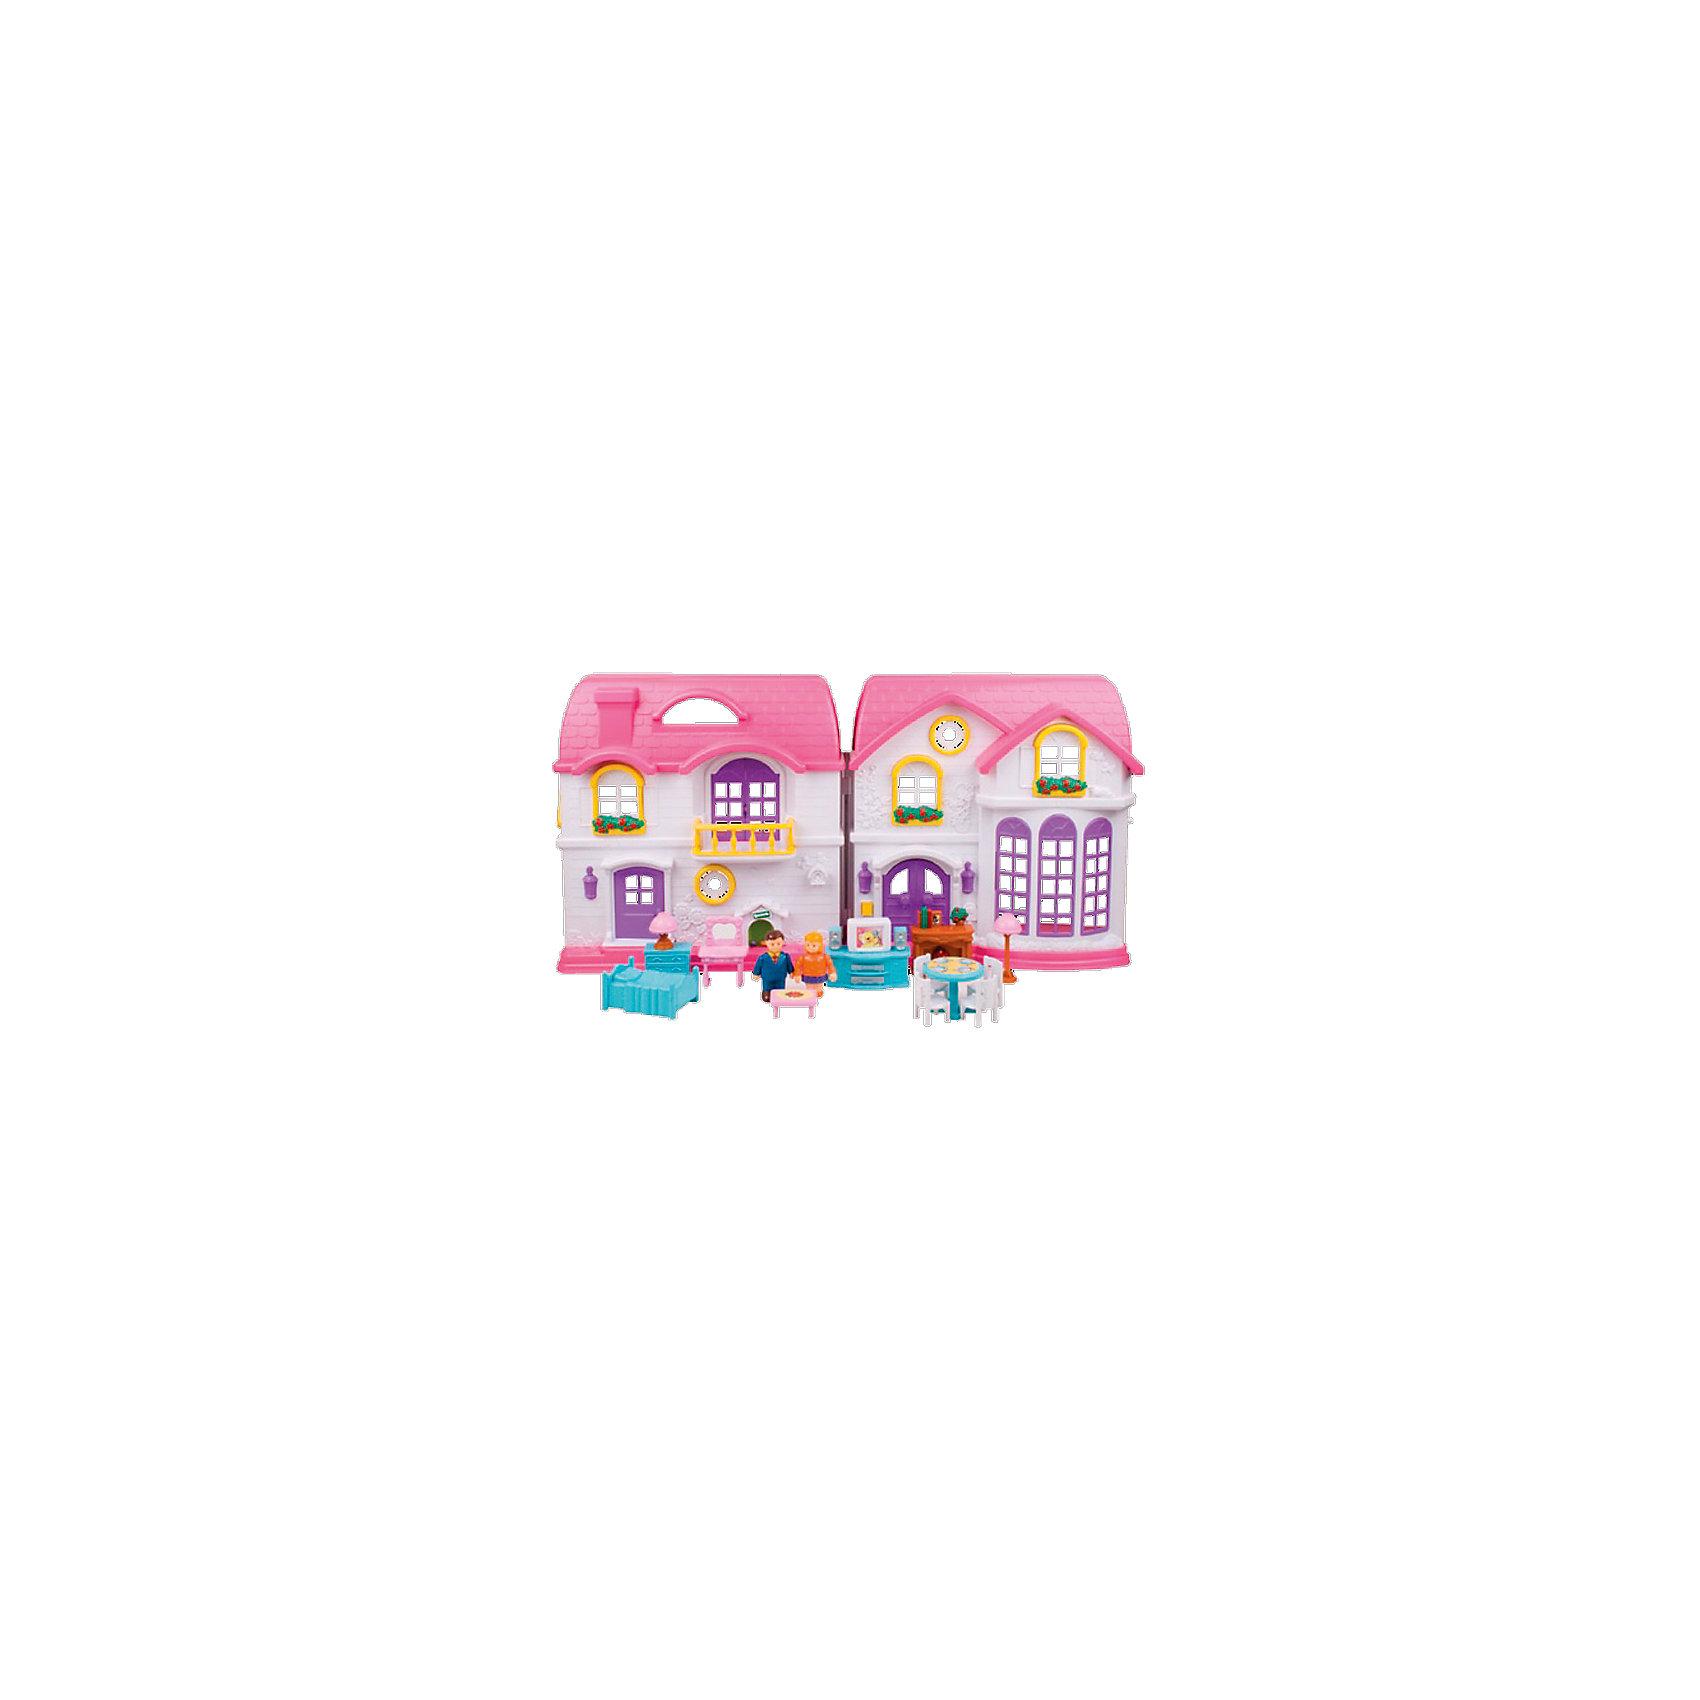 Дом для куклы, Red BoxДомики и мебель<br>Дом для куклы, Red Box (Ред Бокс) – яркий привлекательный коттедж со звуковыми и световыми эффектами и множеством аксессуаров для игры.<br>Игровой набор «Дом для куклы» от Red Box (Ред Бокс) – это большой двухэтажный особняк с мансаодой для дружной семьи! В нем живет супружеская пара – две фигурки, которые находятся в комплекте. Дом раскрывается подобно книге, что позволяет в разложенном виде расположить фигурки и расставить мебель. Обустроить дом можно очень уютно, ведь в набор входит множество деталей интерьера. Для спальни - кровать и туалетный столик с зеркалом. Для гостиной – стулья и тумба с телевизором. Ваша малышка будет очень увлечена различными возможными комбинациями. Ведь мебель можно переставлять по своему вкусу и усмотрению. Дом богат не только своим наполнением, но и сочными цветами, подсветкой и звуковым эффектом. При нажатии на звонок у входа, раздается соответствующий звук, и загораются фонари. С набором Дом для куклы можно инсценировать жизнь целой игрушечной семьи. Сюжетно-ролевая игра помогает развить речь, моторику и координацию движений, логику, внимание и воображение, а так же способствует социальной адаптации ребенка.<br><br>Дополнительная информация:<br><br>- В наборе: фигурки мамы и папы, телевизор с тумбой, стол, 4 стула, кровать двухспальная, туалетный столик с зеркалом, комод, камин, журнальный столик, бра<br>- Размер дома: 72х11х36 см.<br>- Батарейки: 2 шт. типа АА (в комплект входят)<br>- Материал: пластик<br>- Упаковка: картонная коробка<br><br>Дом для куклы, Red Box (Ред Бокс) можно купить в нашем интернет-магазине.<br><br>Ширина мм: 700<br>Глубина мм: 110<br>Высота мм: 500<br>Вес г: 3200<br>Возраст от месяцев: 36<br>Возраст до месяцев: 96<br>Пол: Женский<br>Возраст: Детский<br>SKU: 4747483